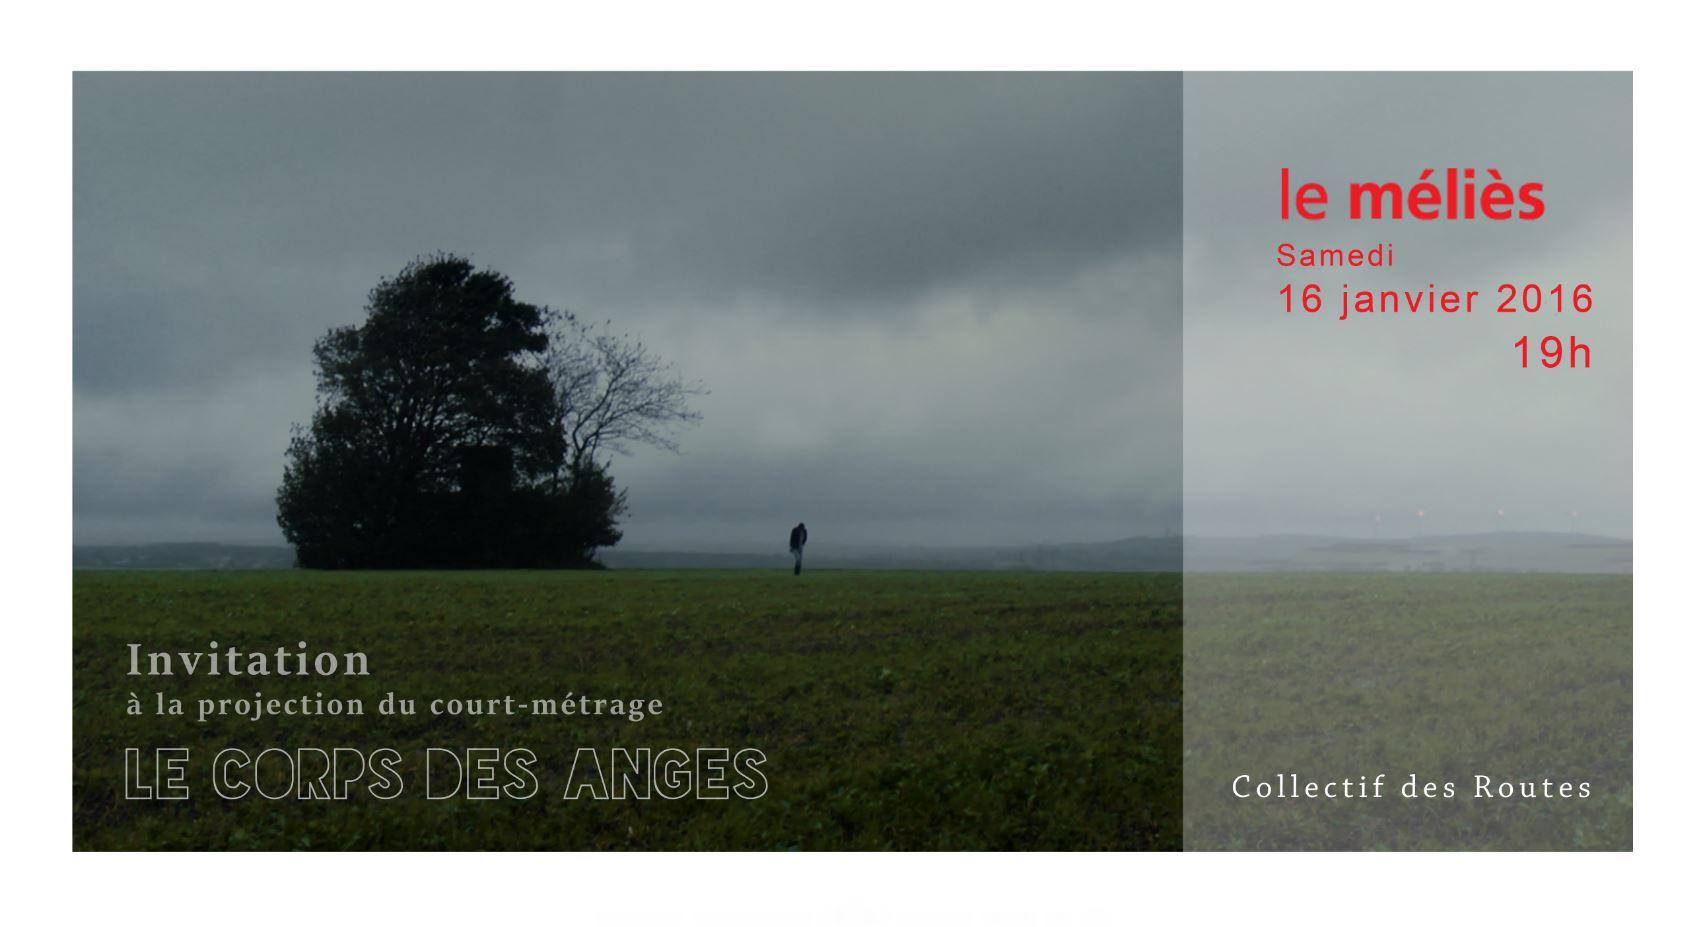 Le Corps des Anges invitation, Avant première, Le Méliès Projection Cinéma Benoît Duvette Collectif des Routes recto